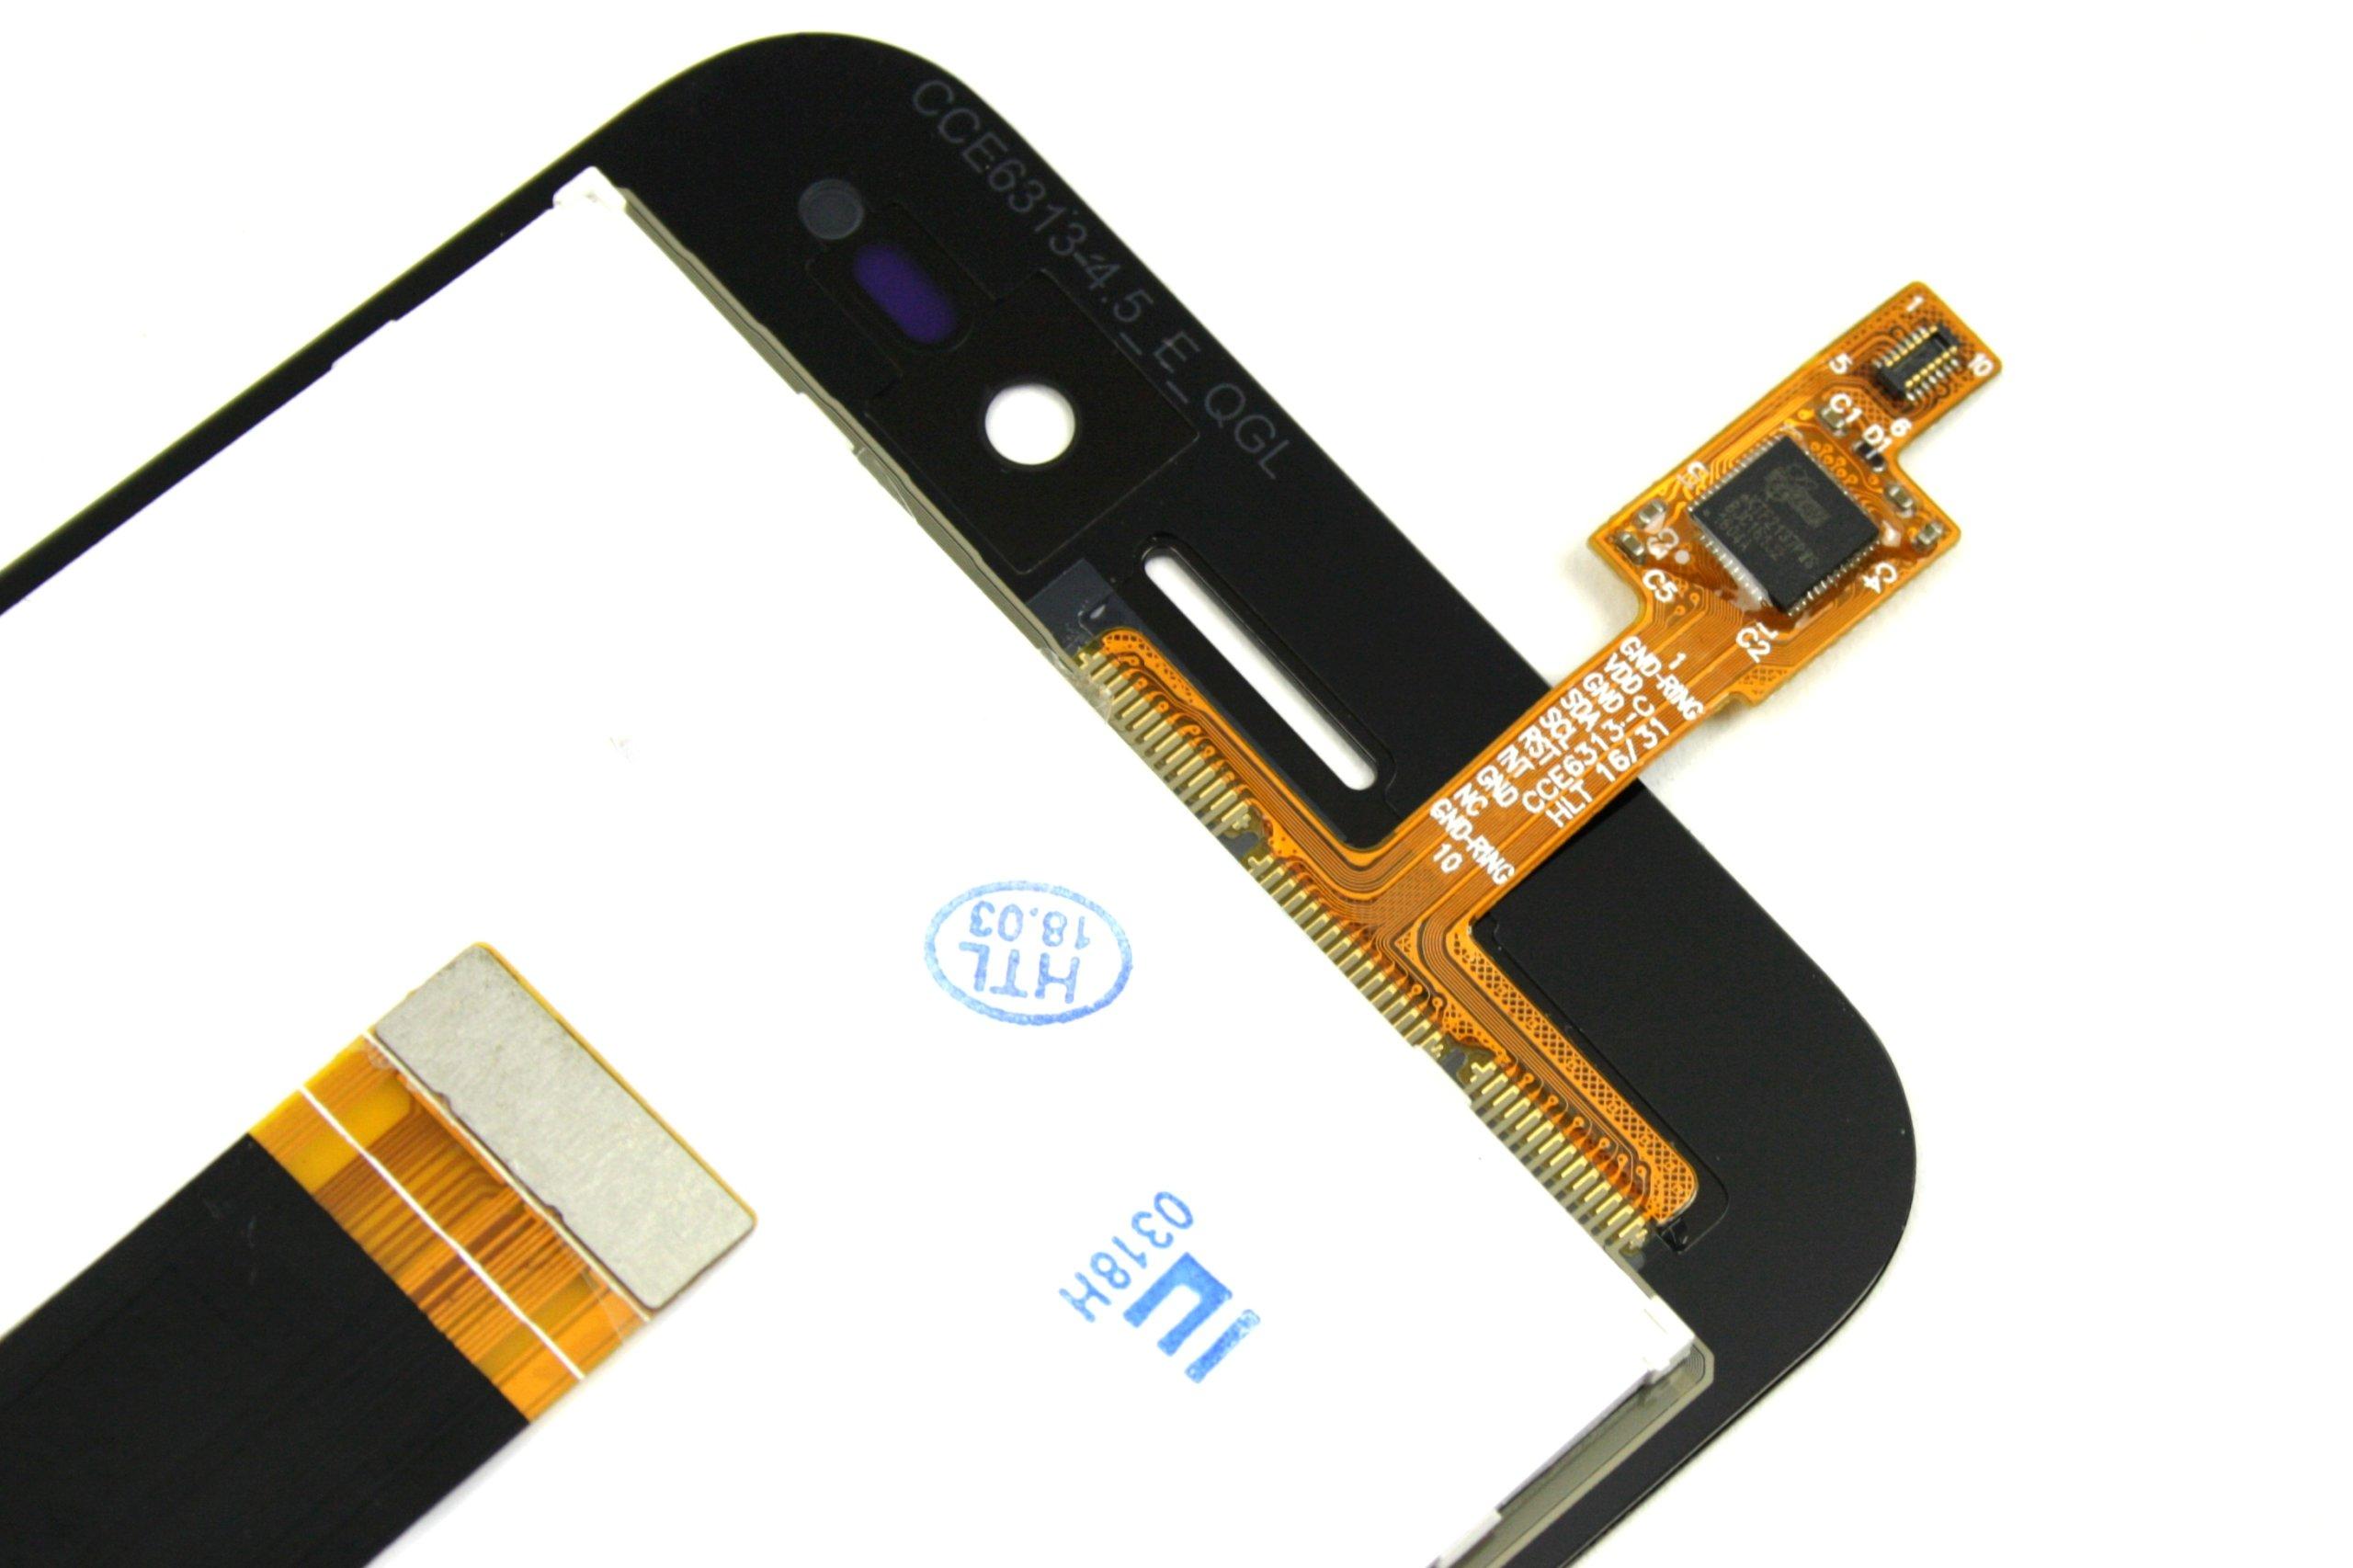 Wywietlacz Asus X014d Zb452kg Digitizer Dotyk 7428610694 Zb45